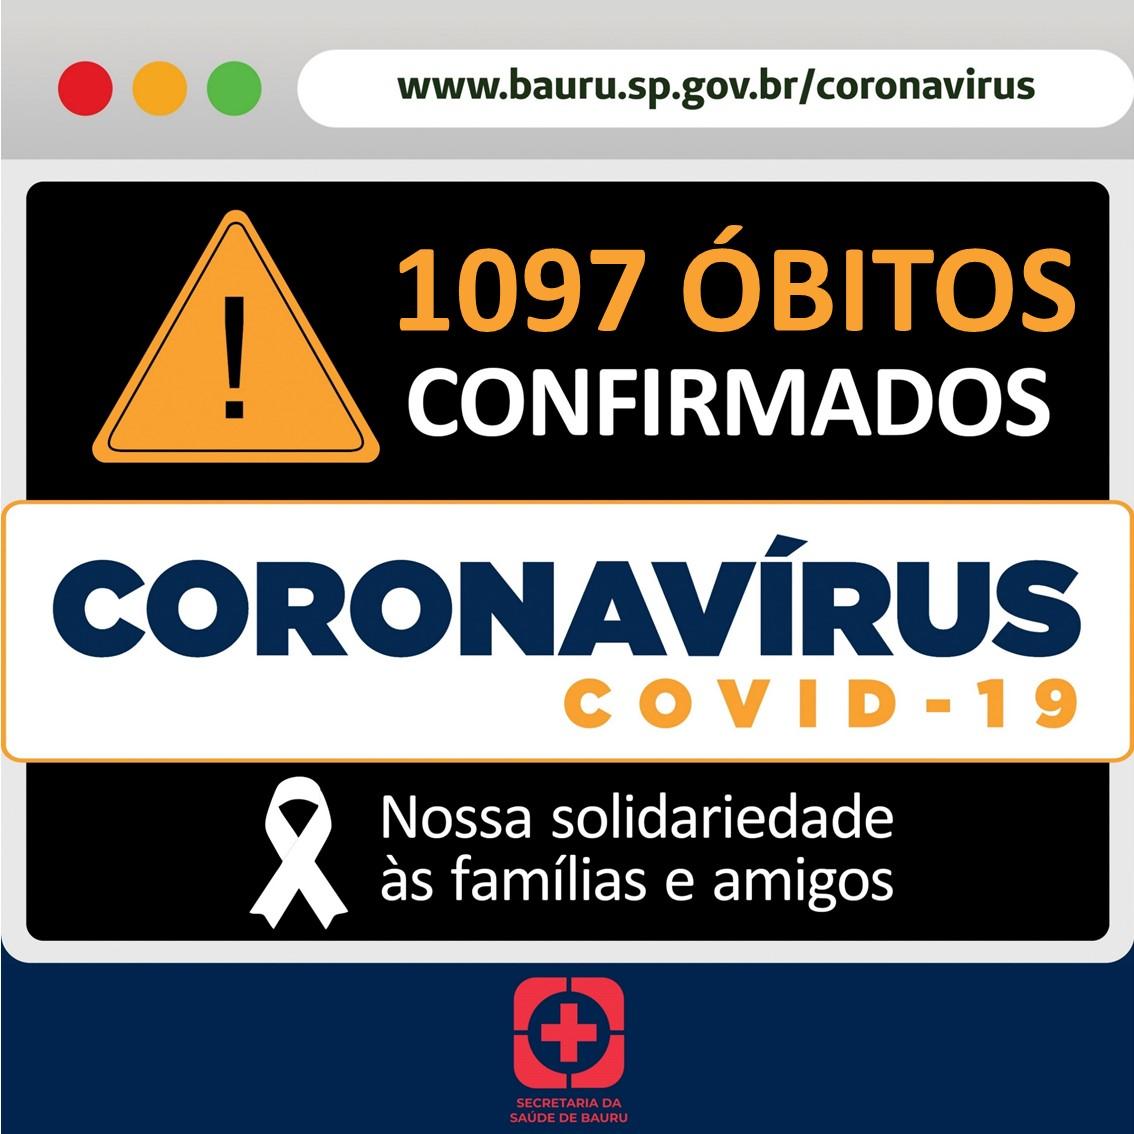 Bauru um óbito pelo coronavírus